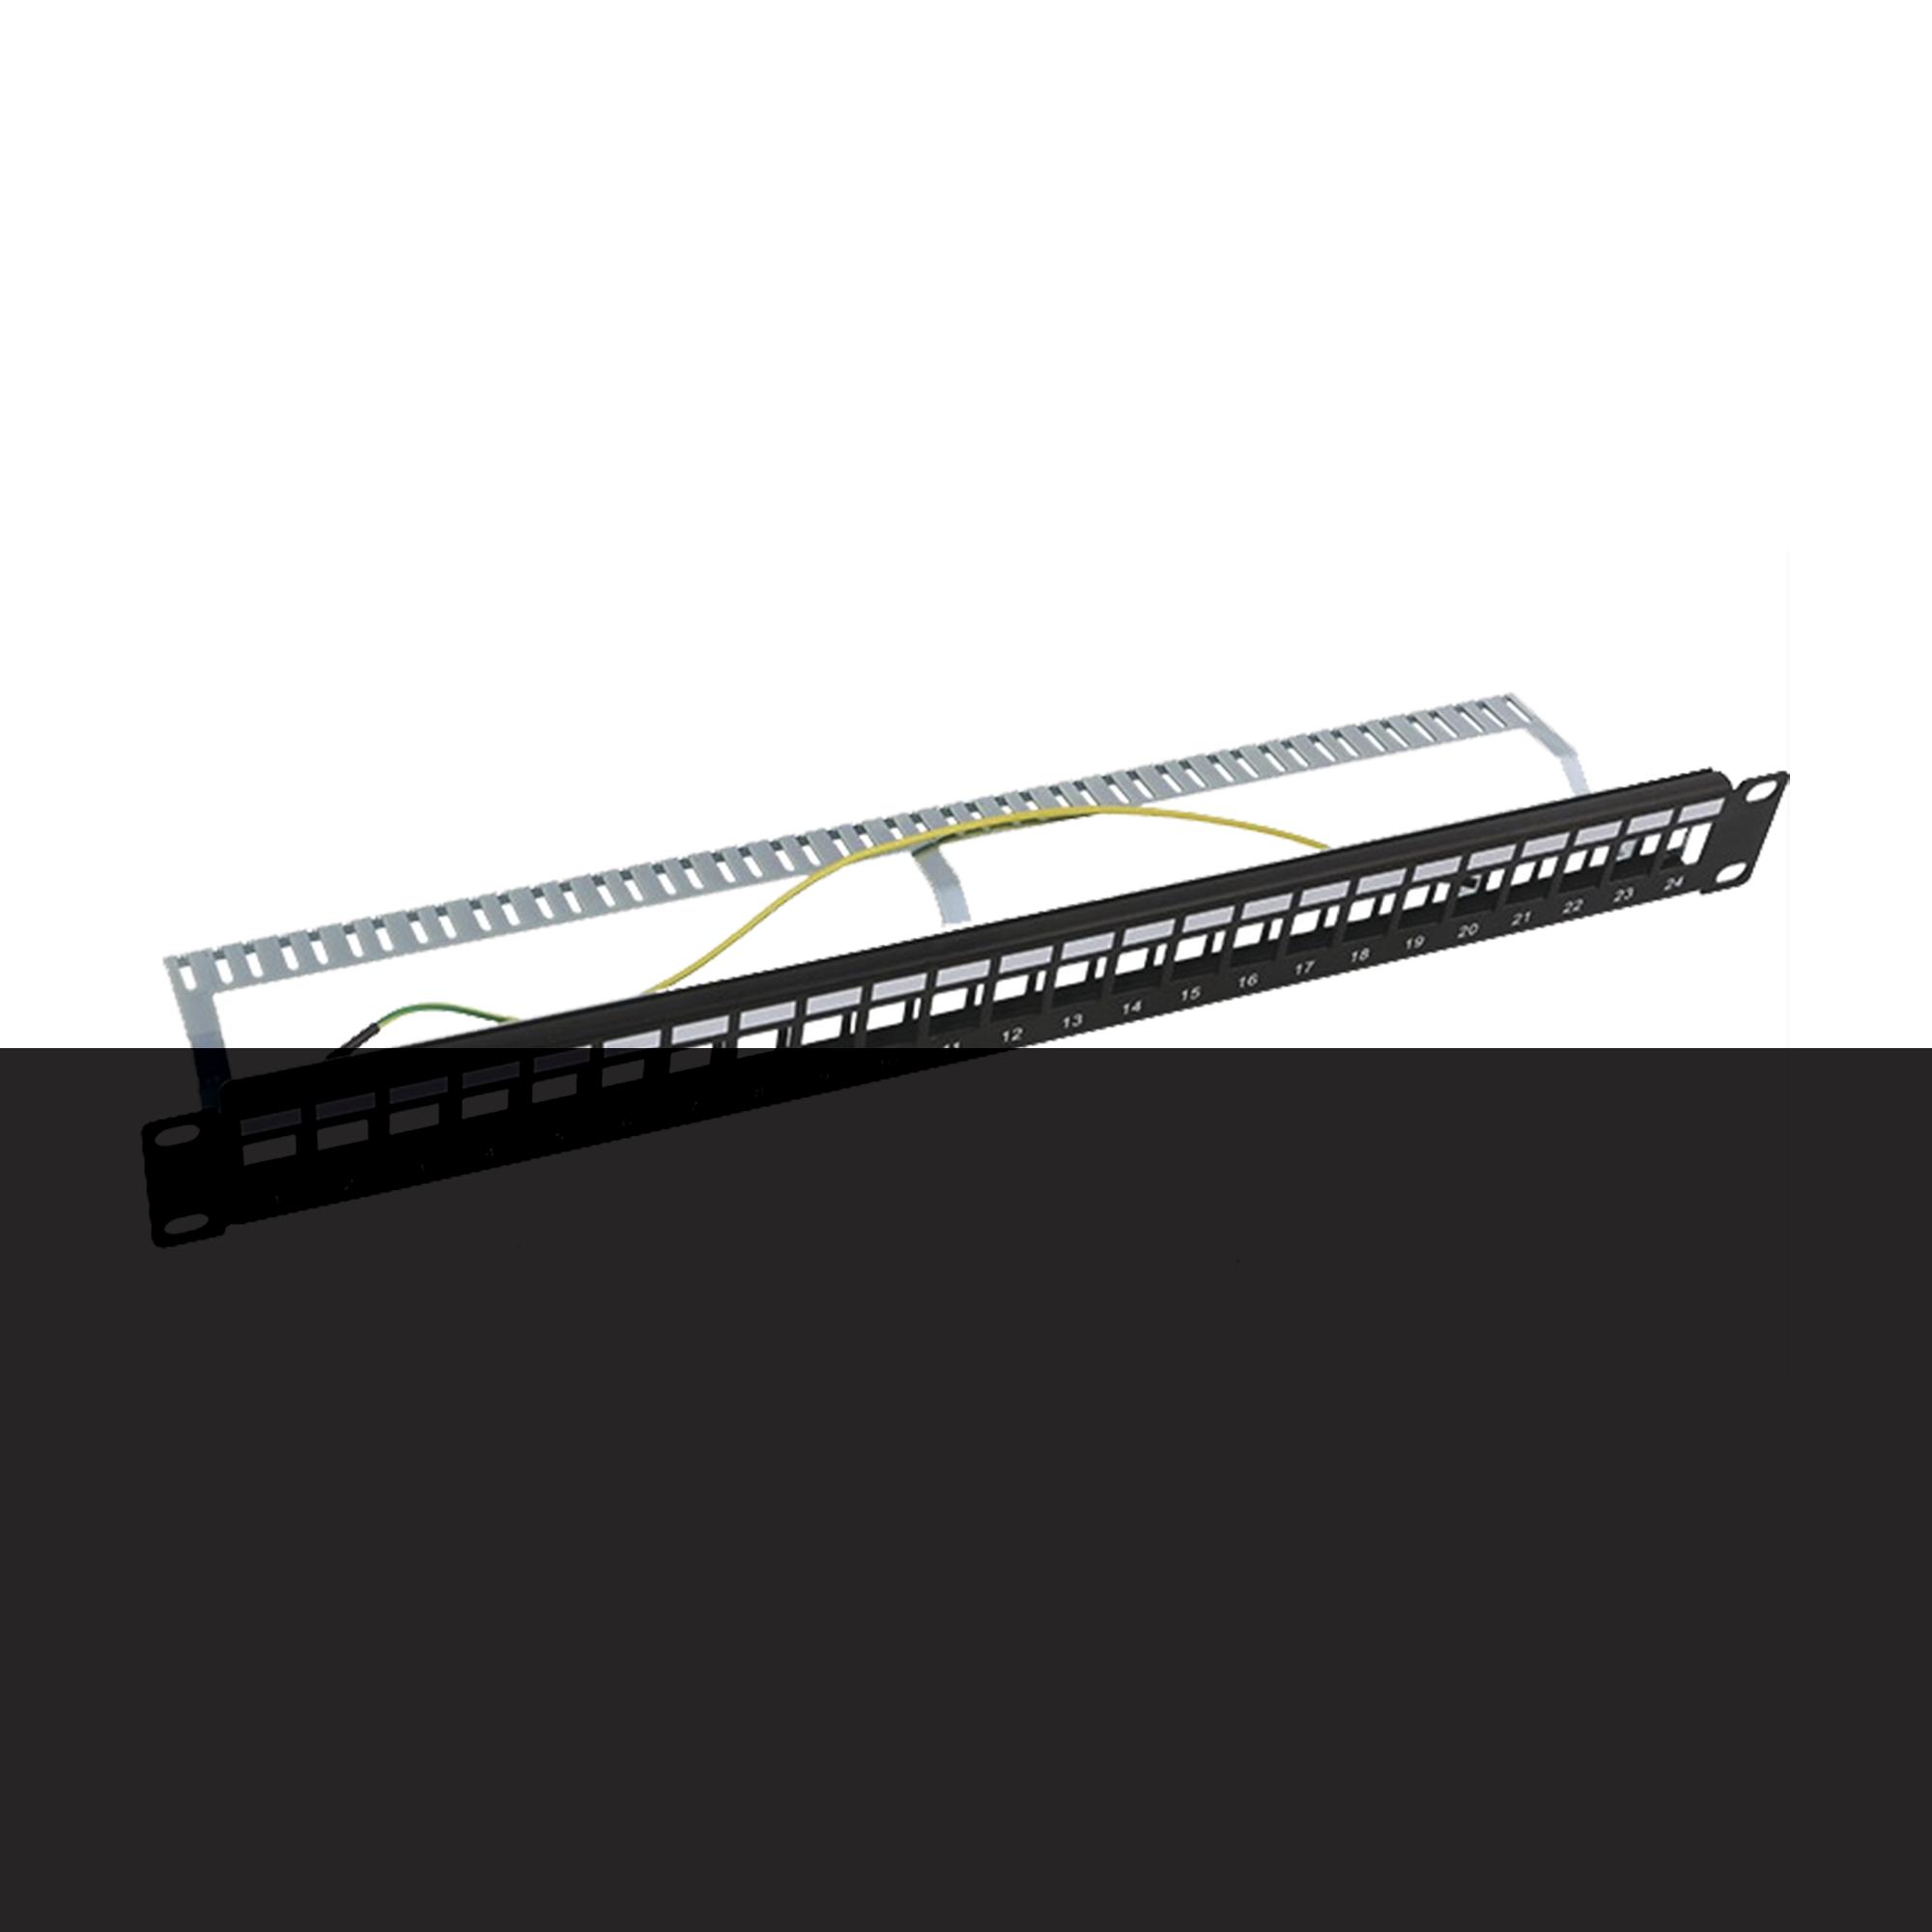 Patch panel modular Blindado (STP) de 24 puertos, con barra para organizar cable